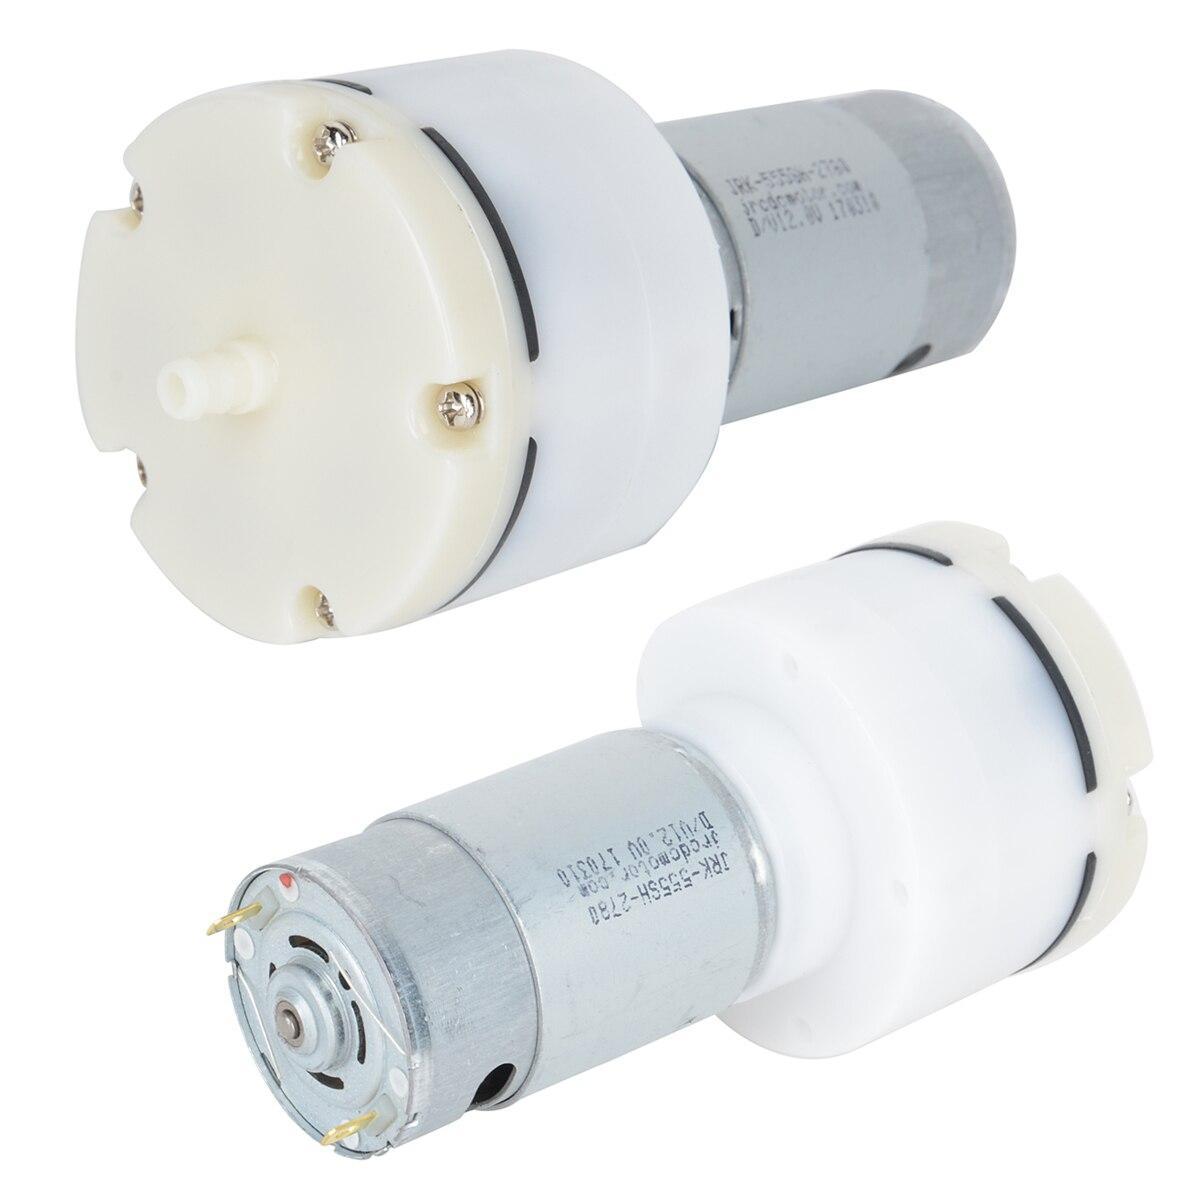 Pumpen Sanitär 1 Stück Micro Air Vakuum Pumpe Durable Membran Luftpumpe 13l/min 1500ma Für Haushaltsgeräte Dc 12 V Eine VollstäNdige Palette Von Spezifikationen